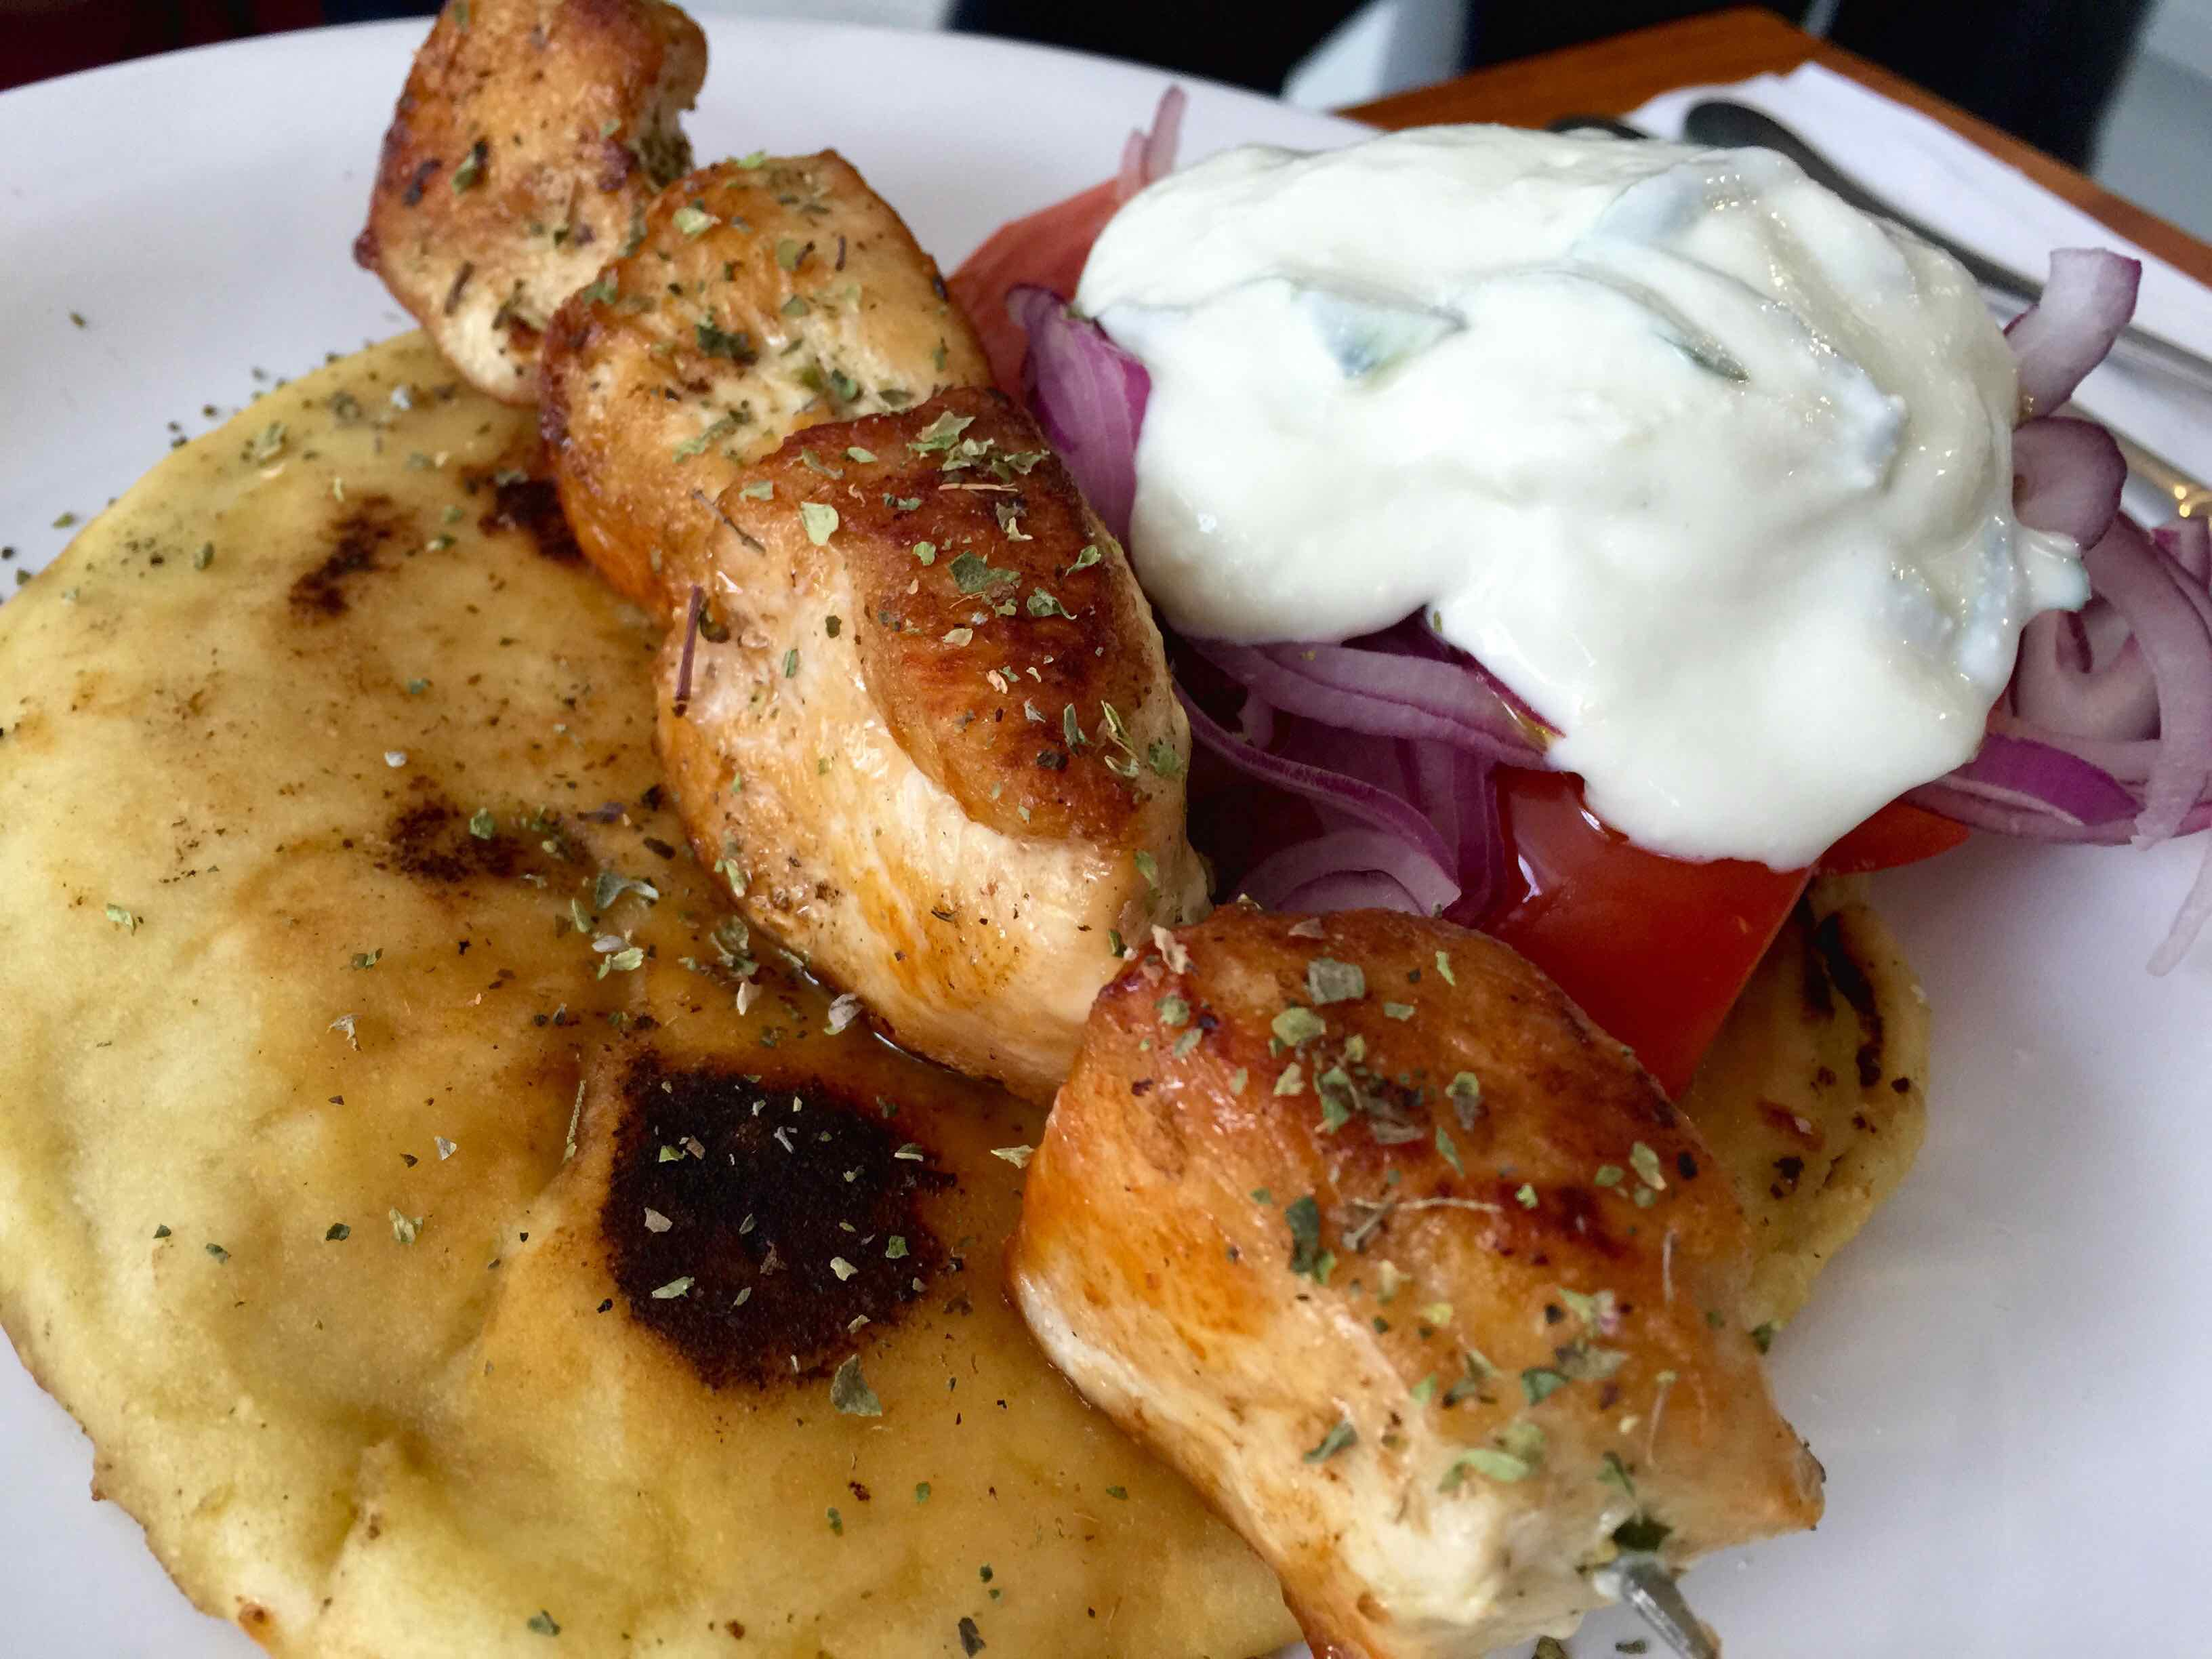 kouzina_restaurante_grego_sp